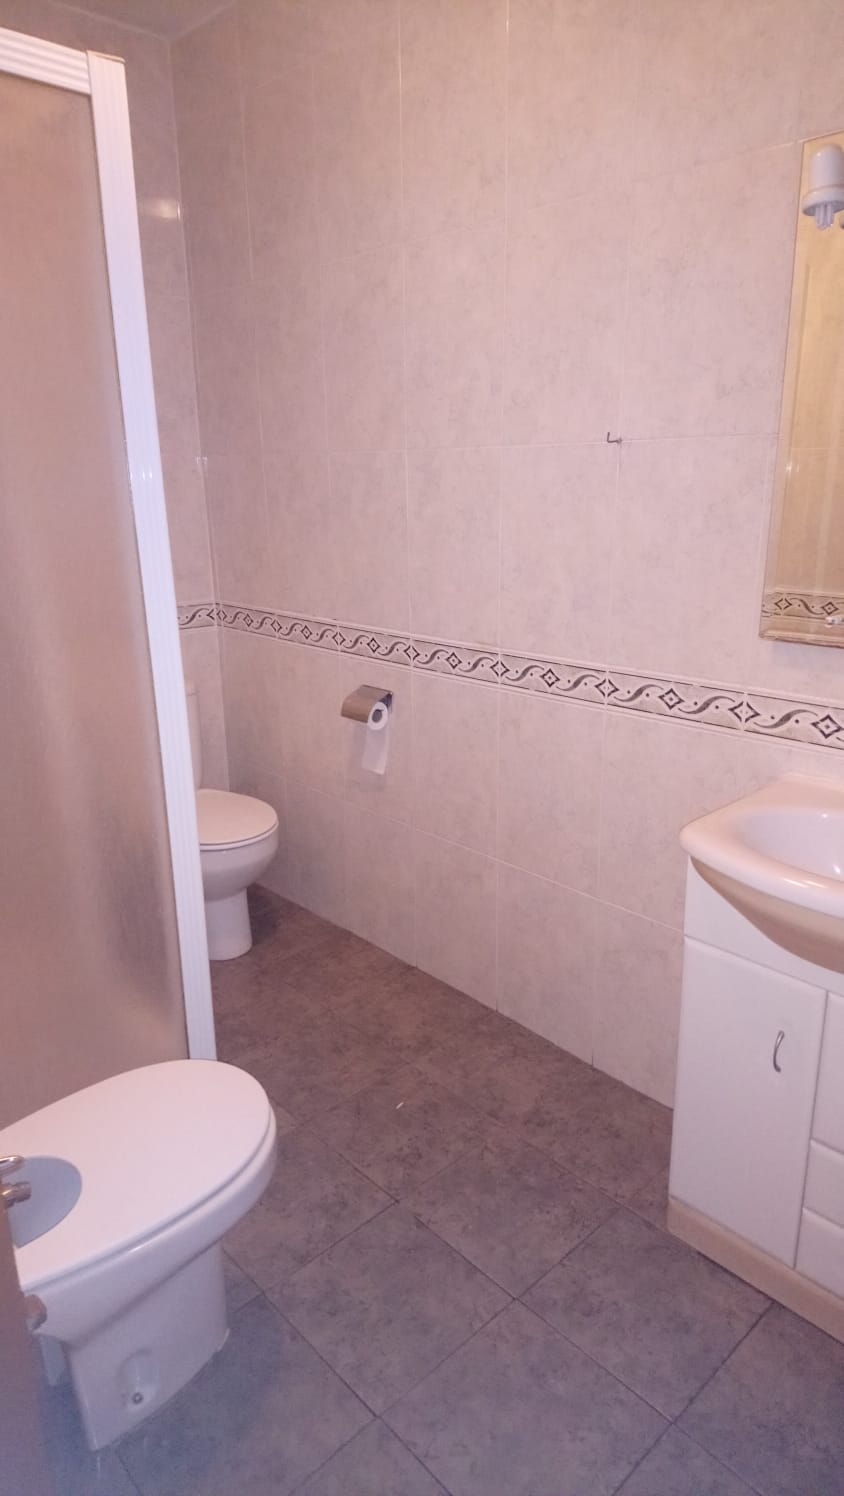 piso de cuatro dormitorios en federico anaya (REF: 15) - foto 4 5652cd29-6bf0-4137-b847-0ece5b436c59.jpg